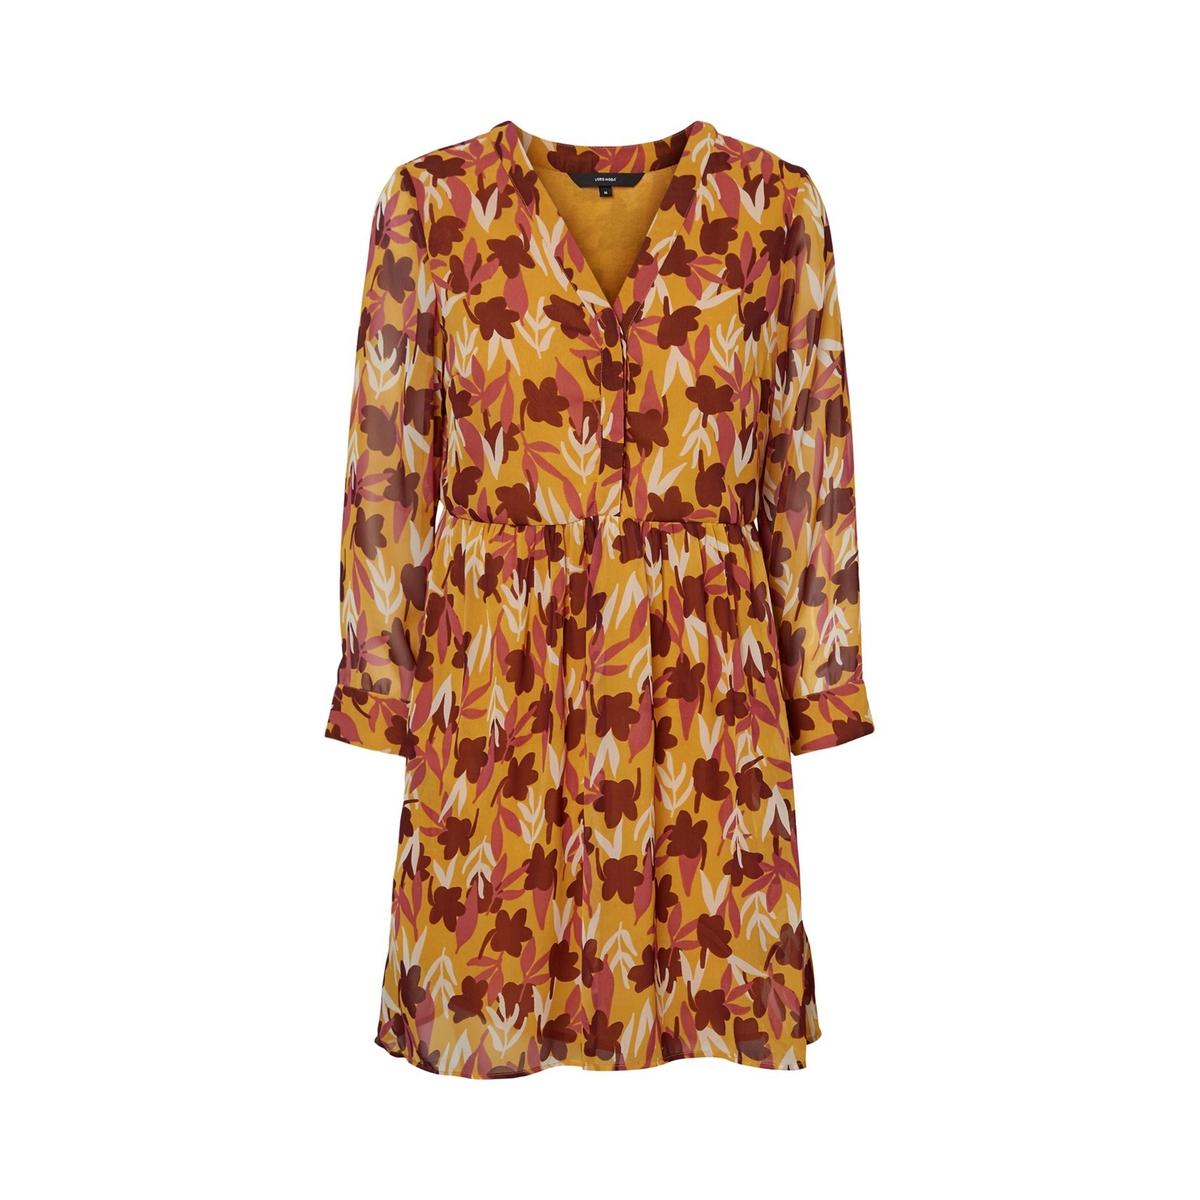 Платье La Redoute Расклешенное с цветочным принтом и V-образным вырезом XS желтый кеды сникеры la redoute с крокодиловым принтом 38 желтый